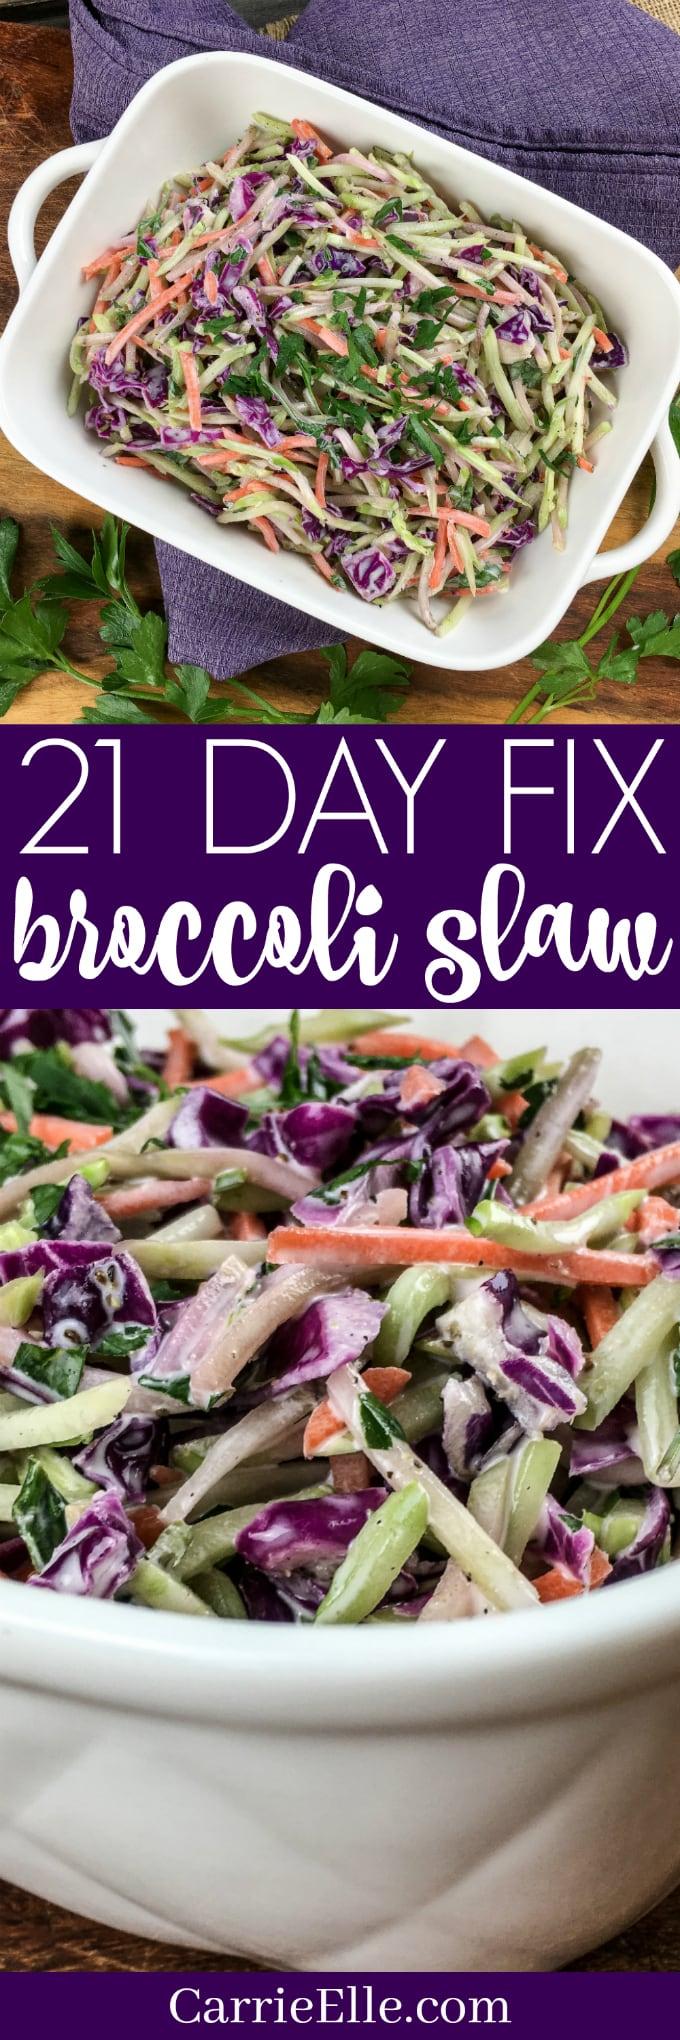 21 Day Fix Broccoli Slaw